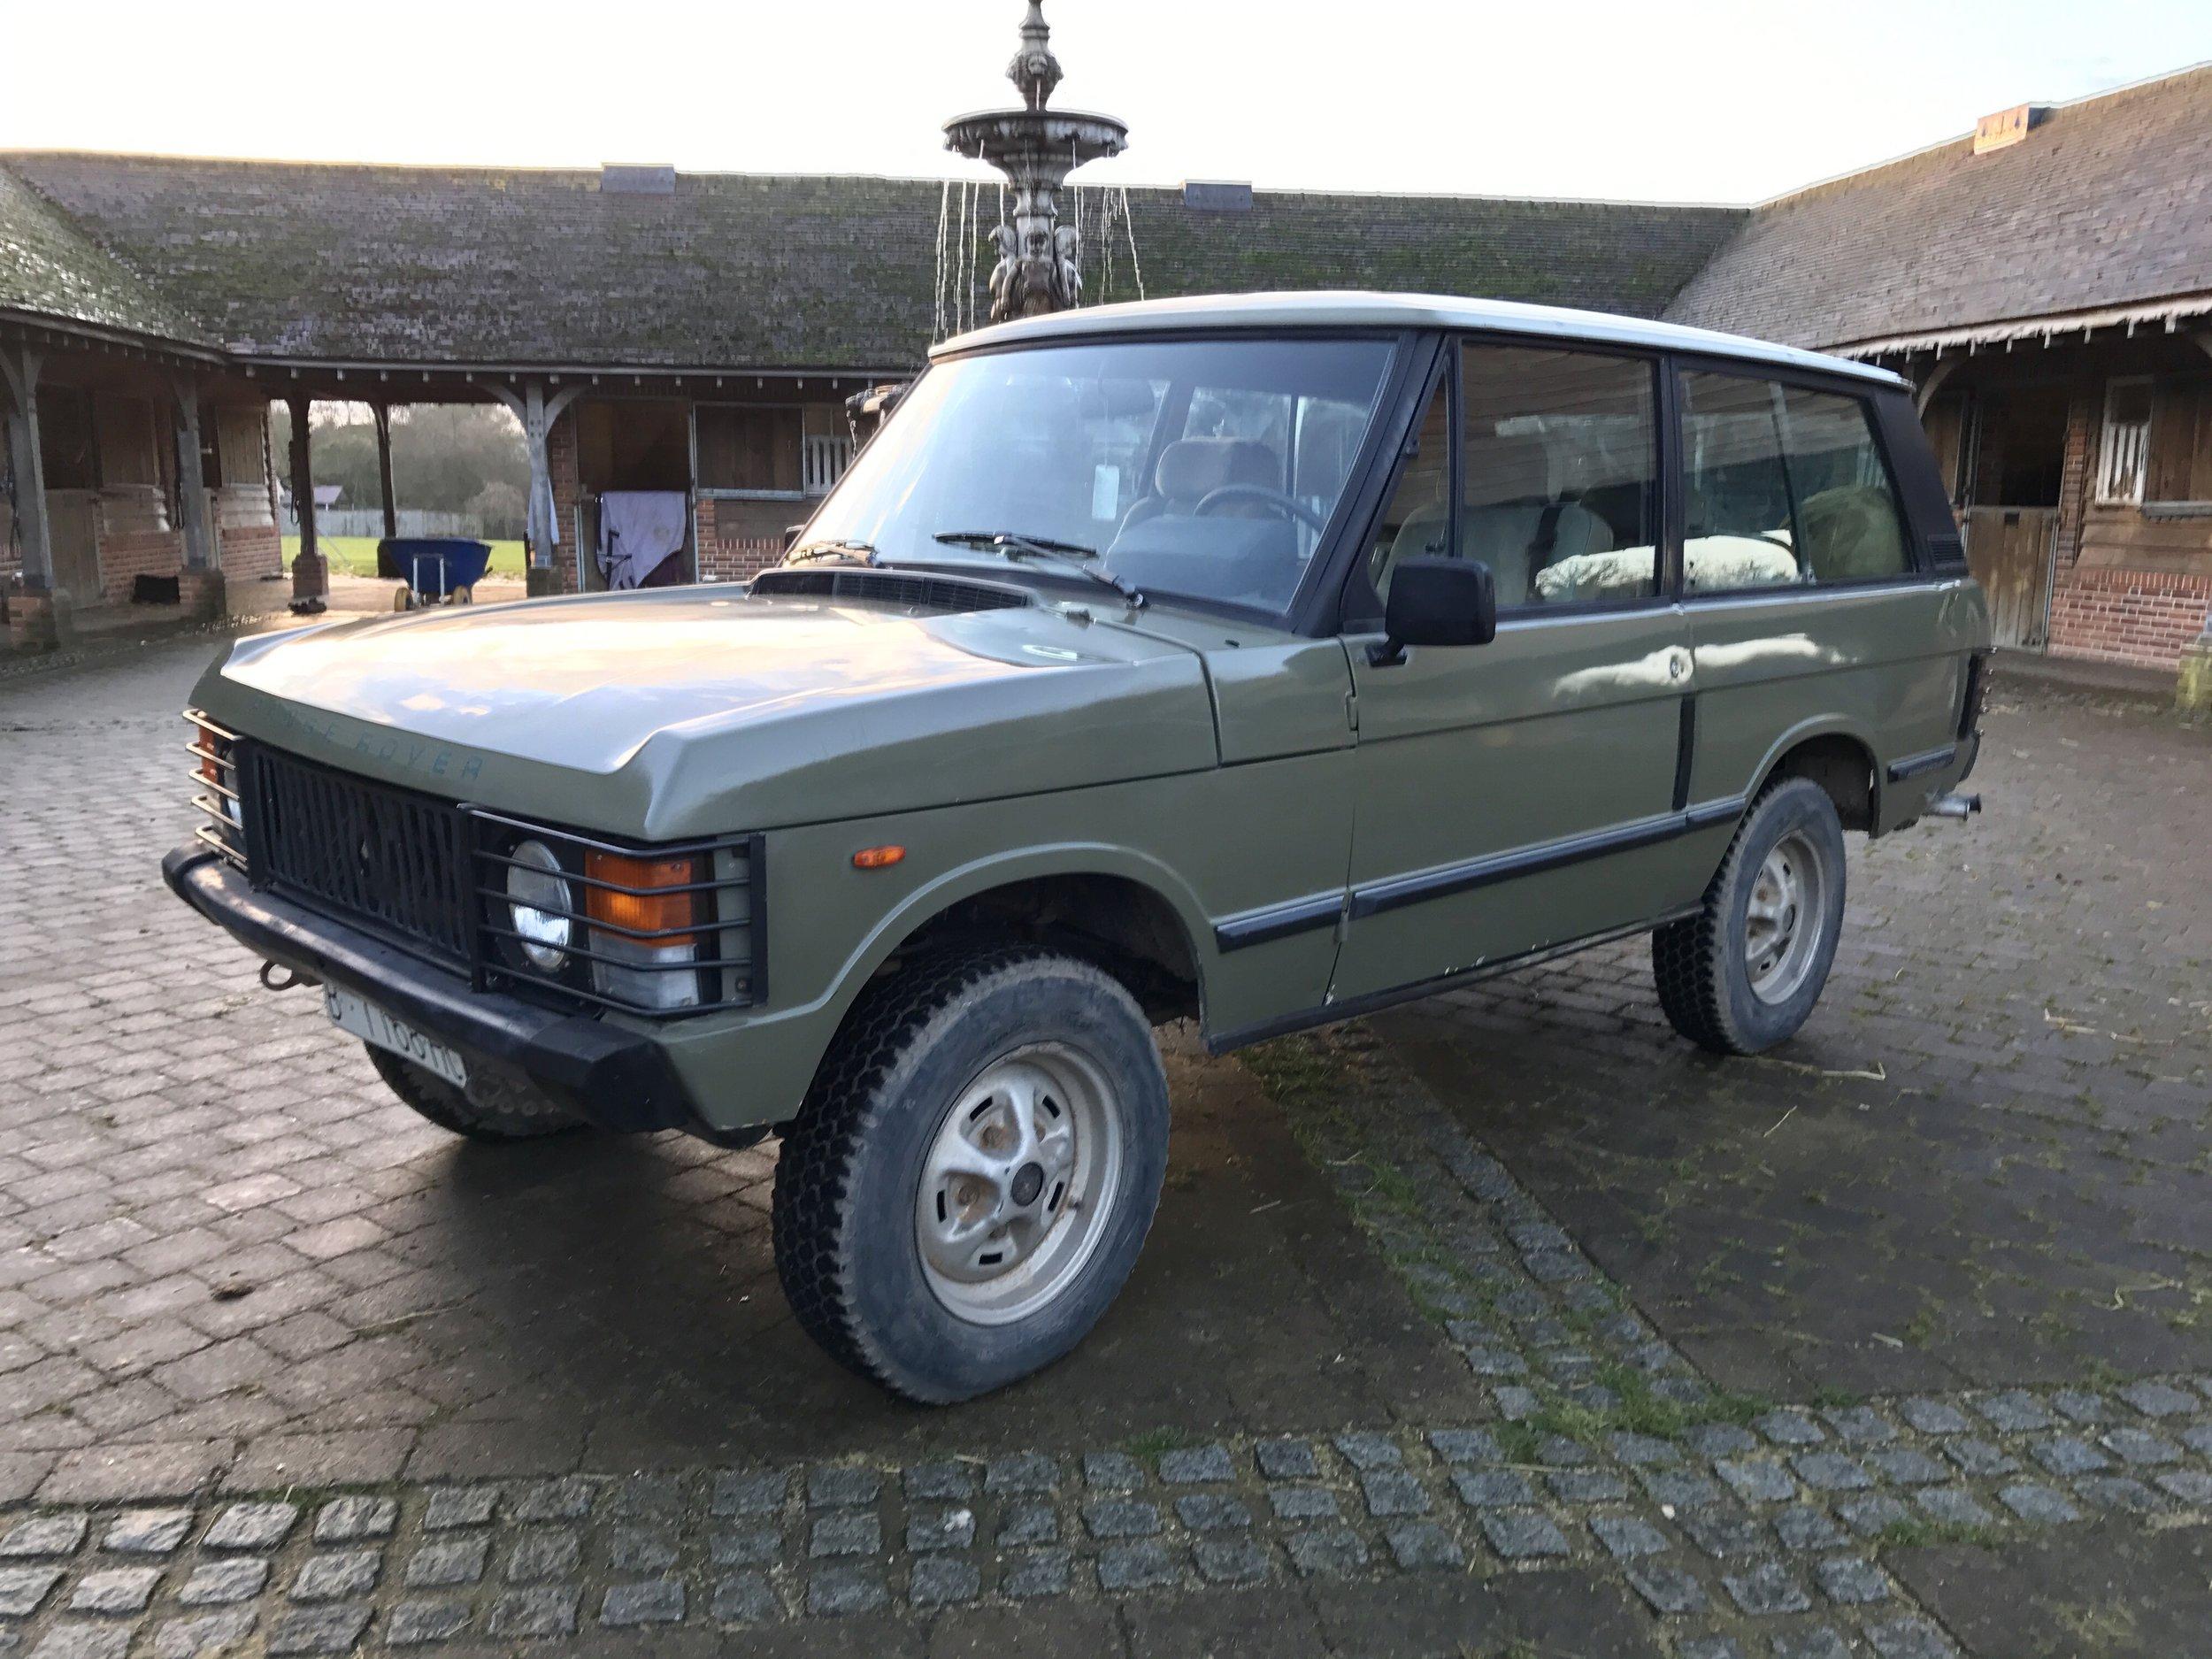 Range Rover 2 Door 1986 SOLD — Samuel Lloyd & Co